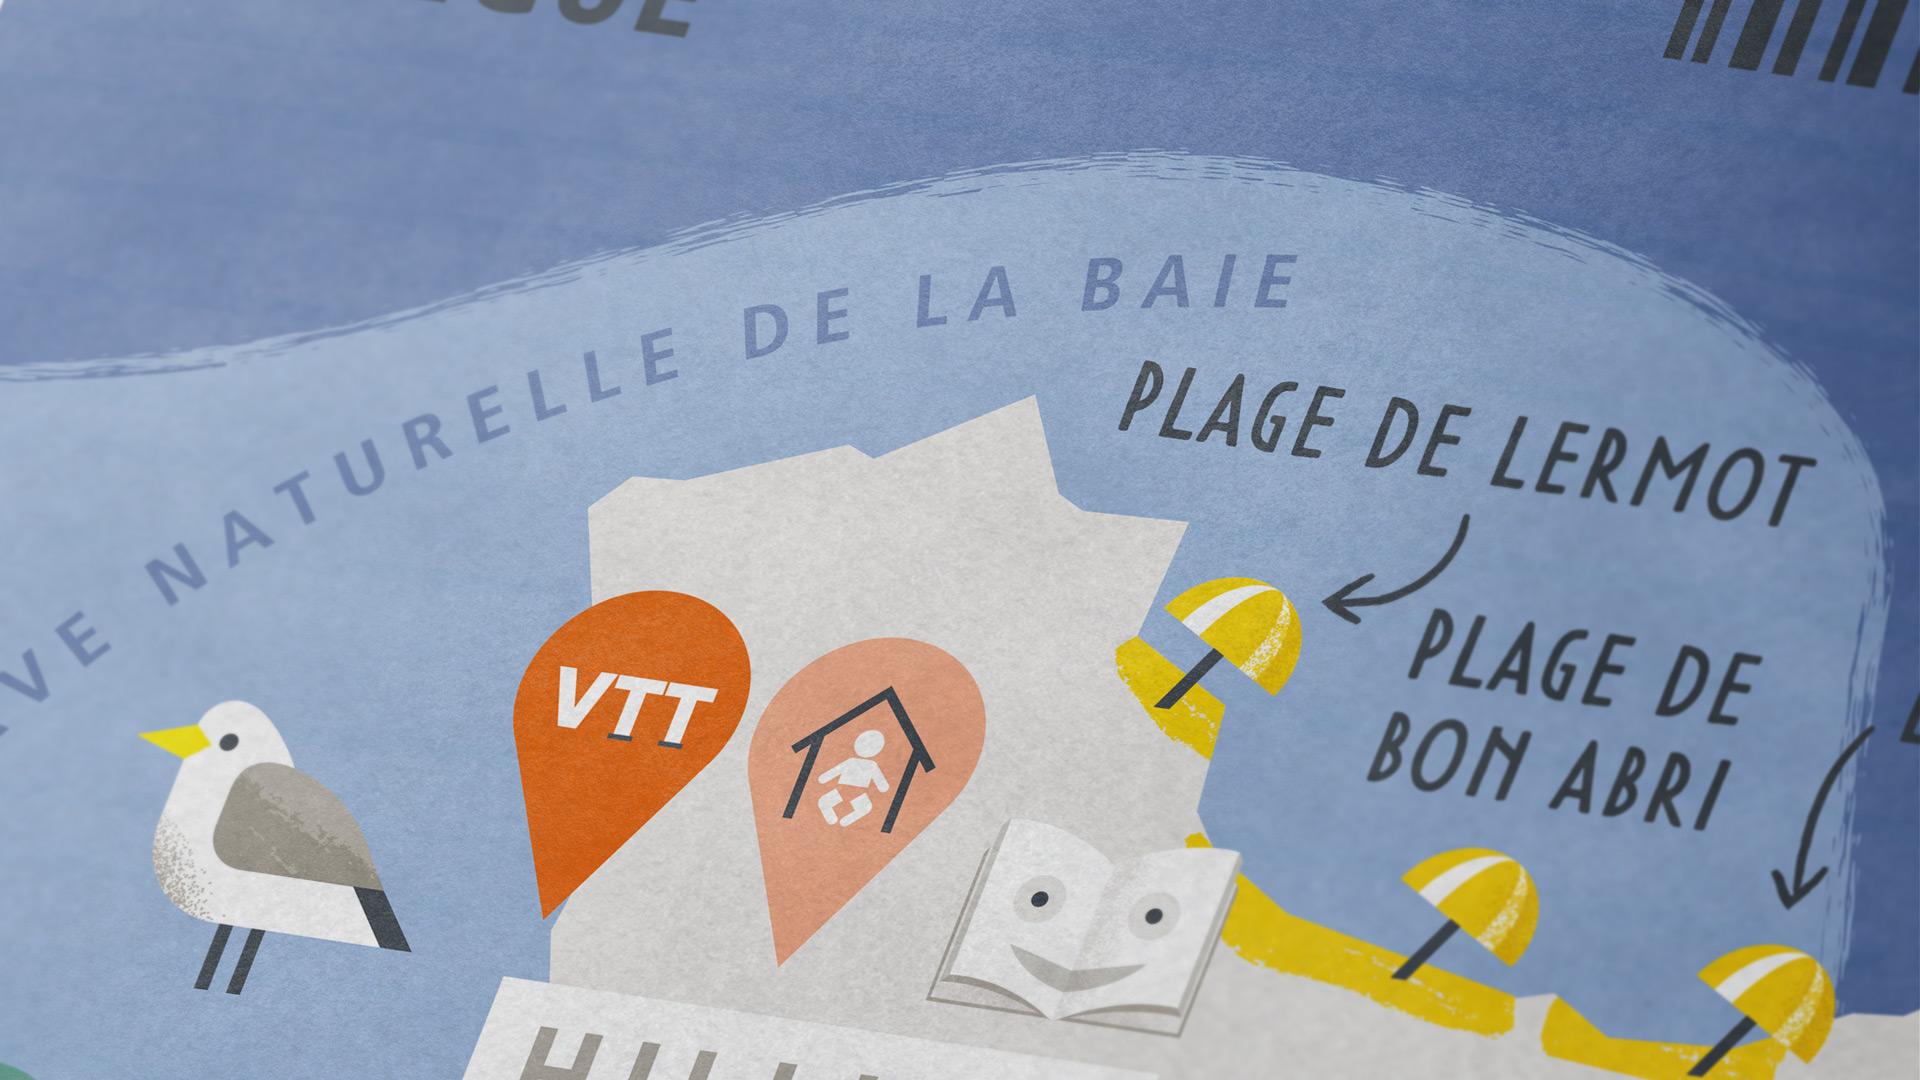 agglomeration-ville-saint-brieuc-cotes-armor-tourisme-carte-map-illustration